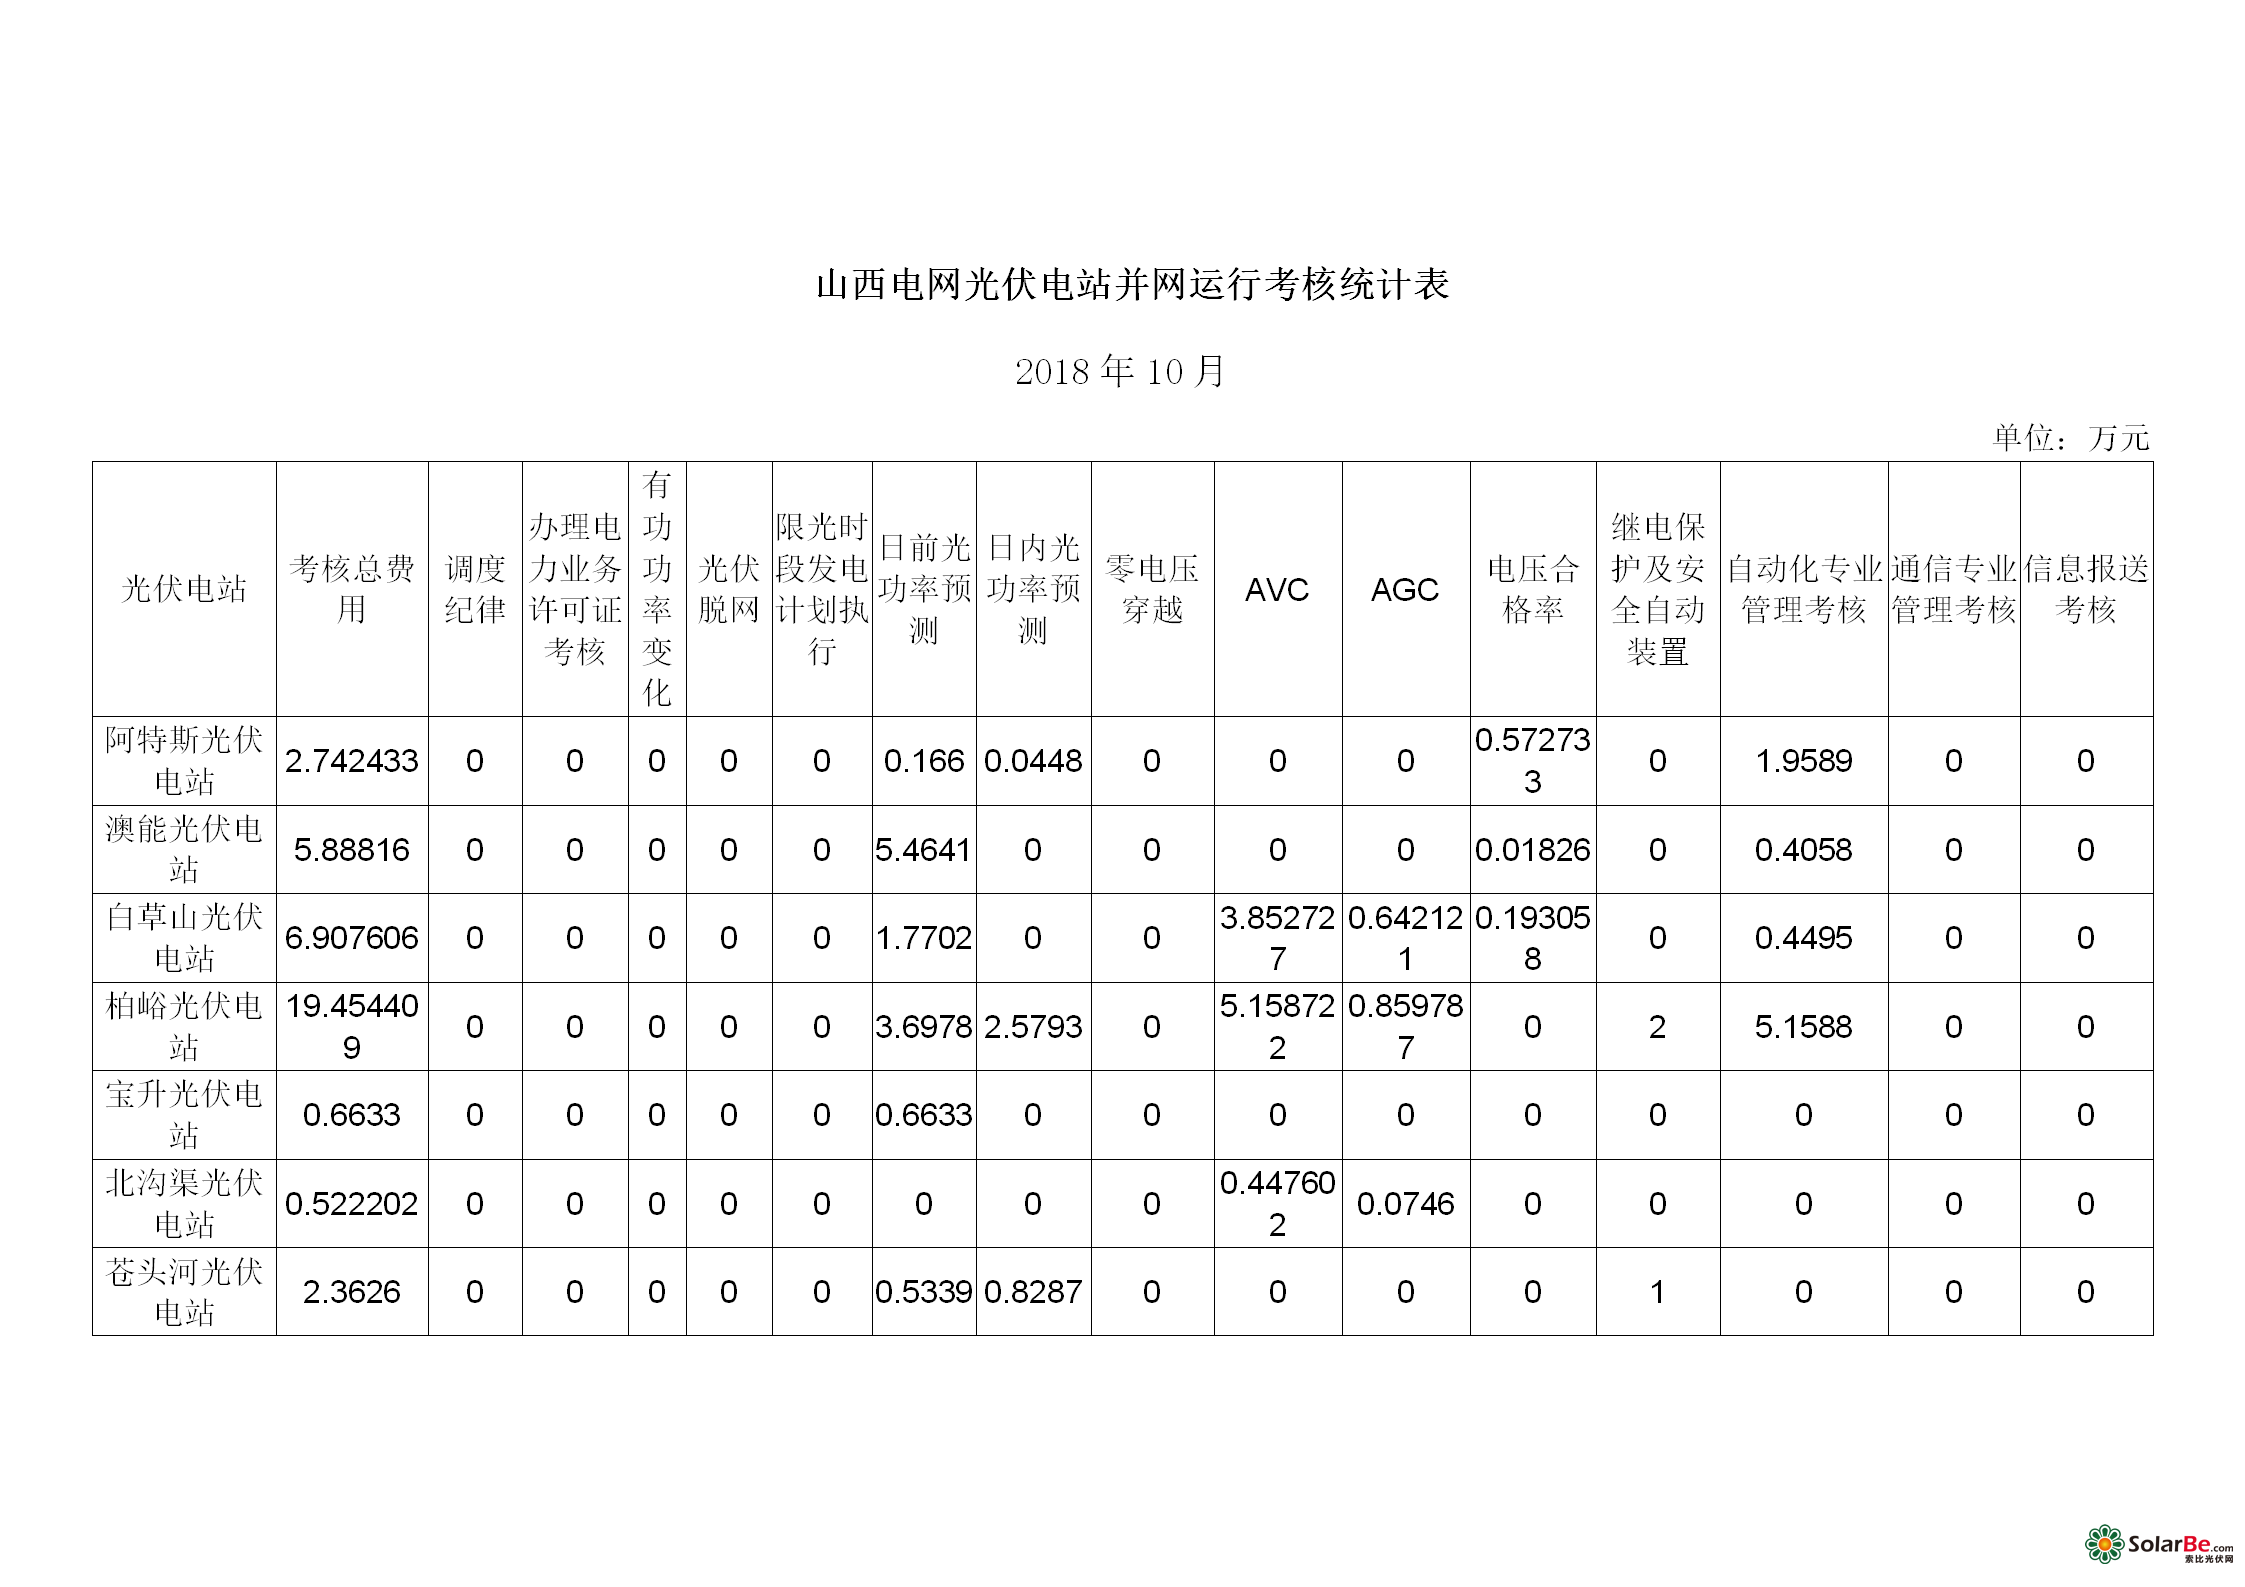 山西电网光伏电站并网运行考核和辅助服务补偿结算汇总表_07.png